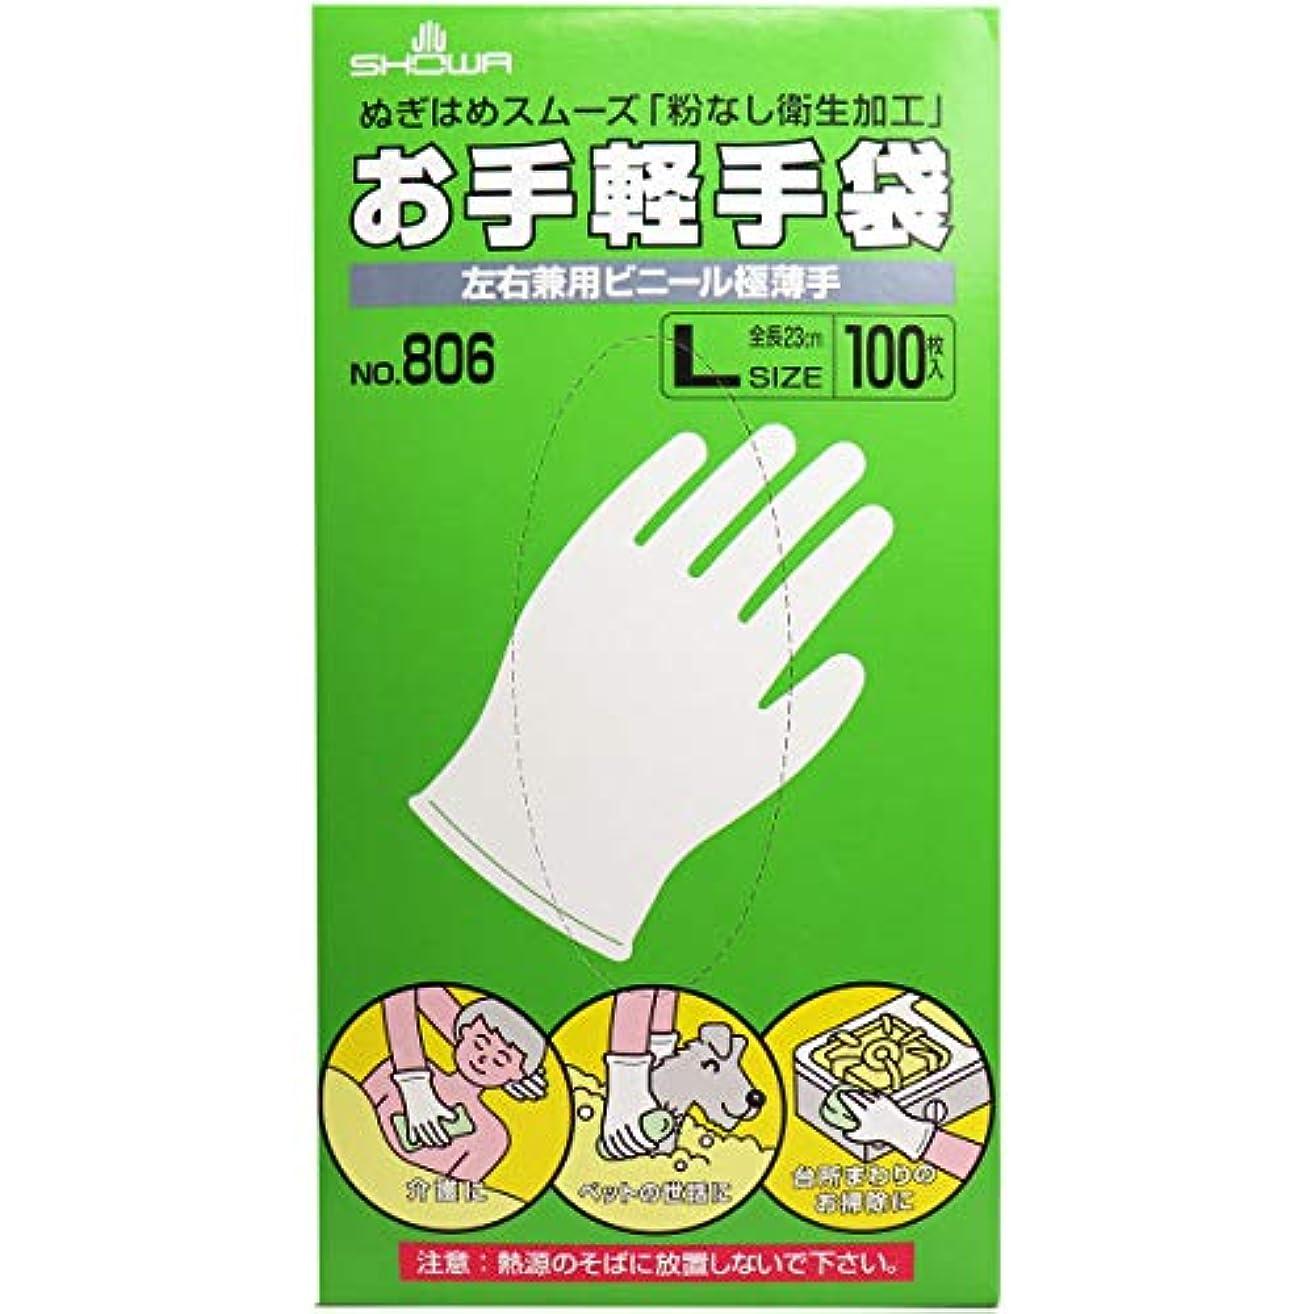 ポンド剃る前売お手軽手袋 No.806 左右兼用ビニール極薄手 粉なし Lサイズ 100枚入×10個セット